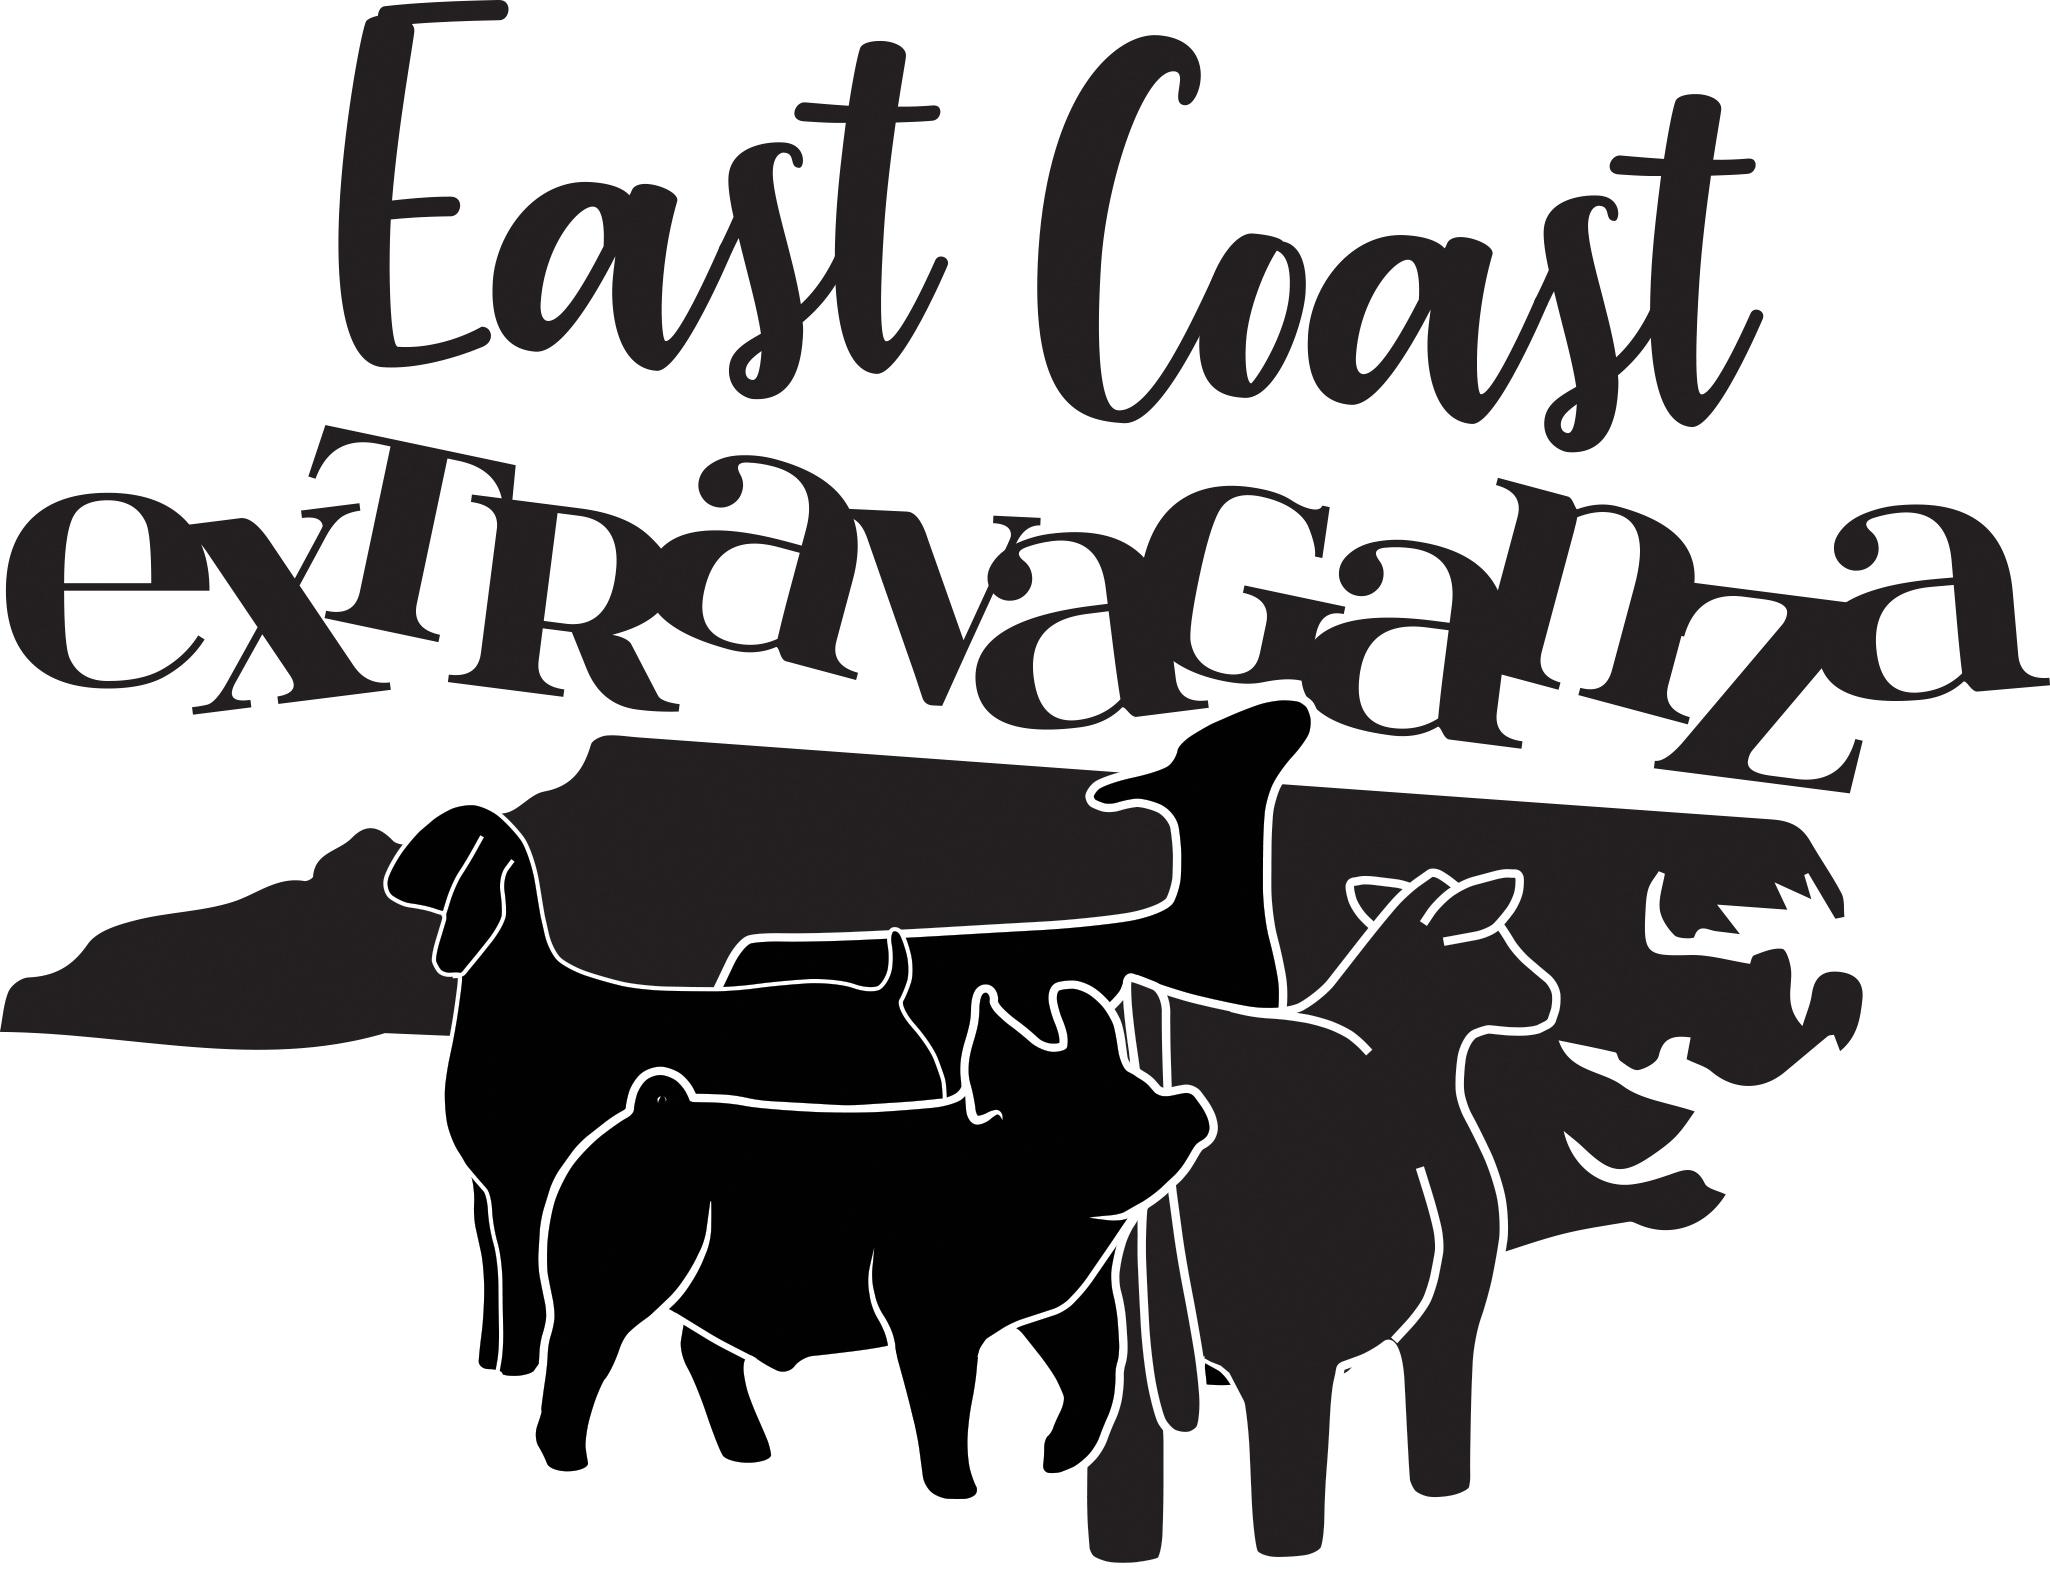 East Coast Extravaganza logo